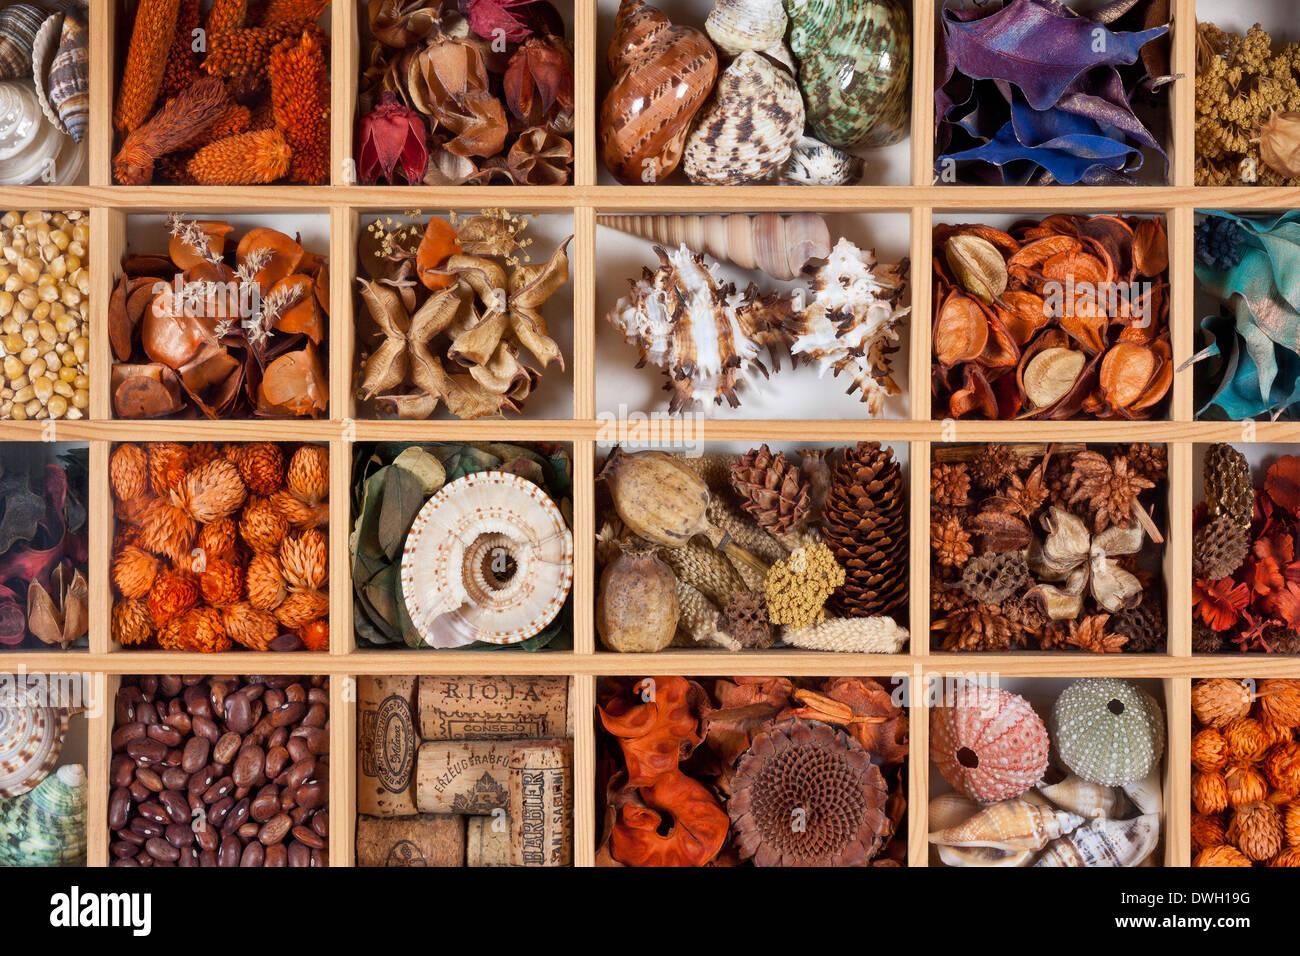 Arti & Mestieri - hobby per la realizzazione di immagini viene visualizzata di conchiglie, fiori secchi, semi, i tappi di sughero ecc. Immagini Stock